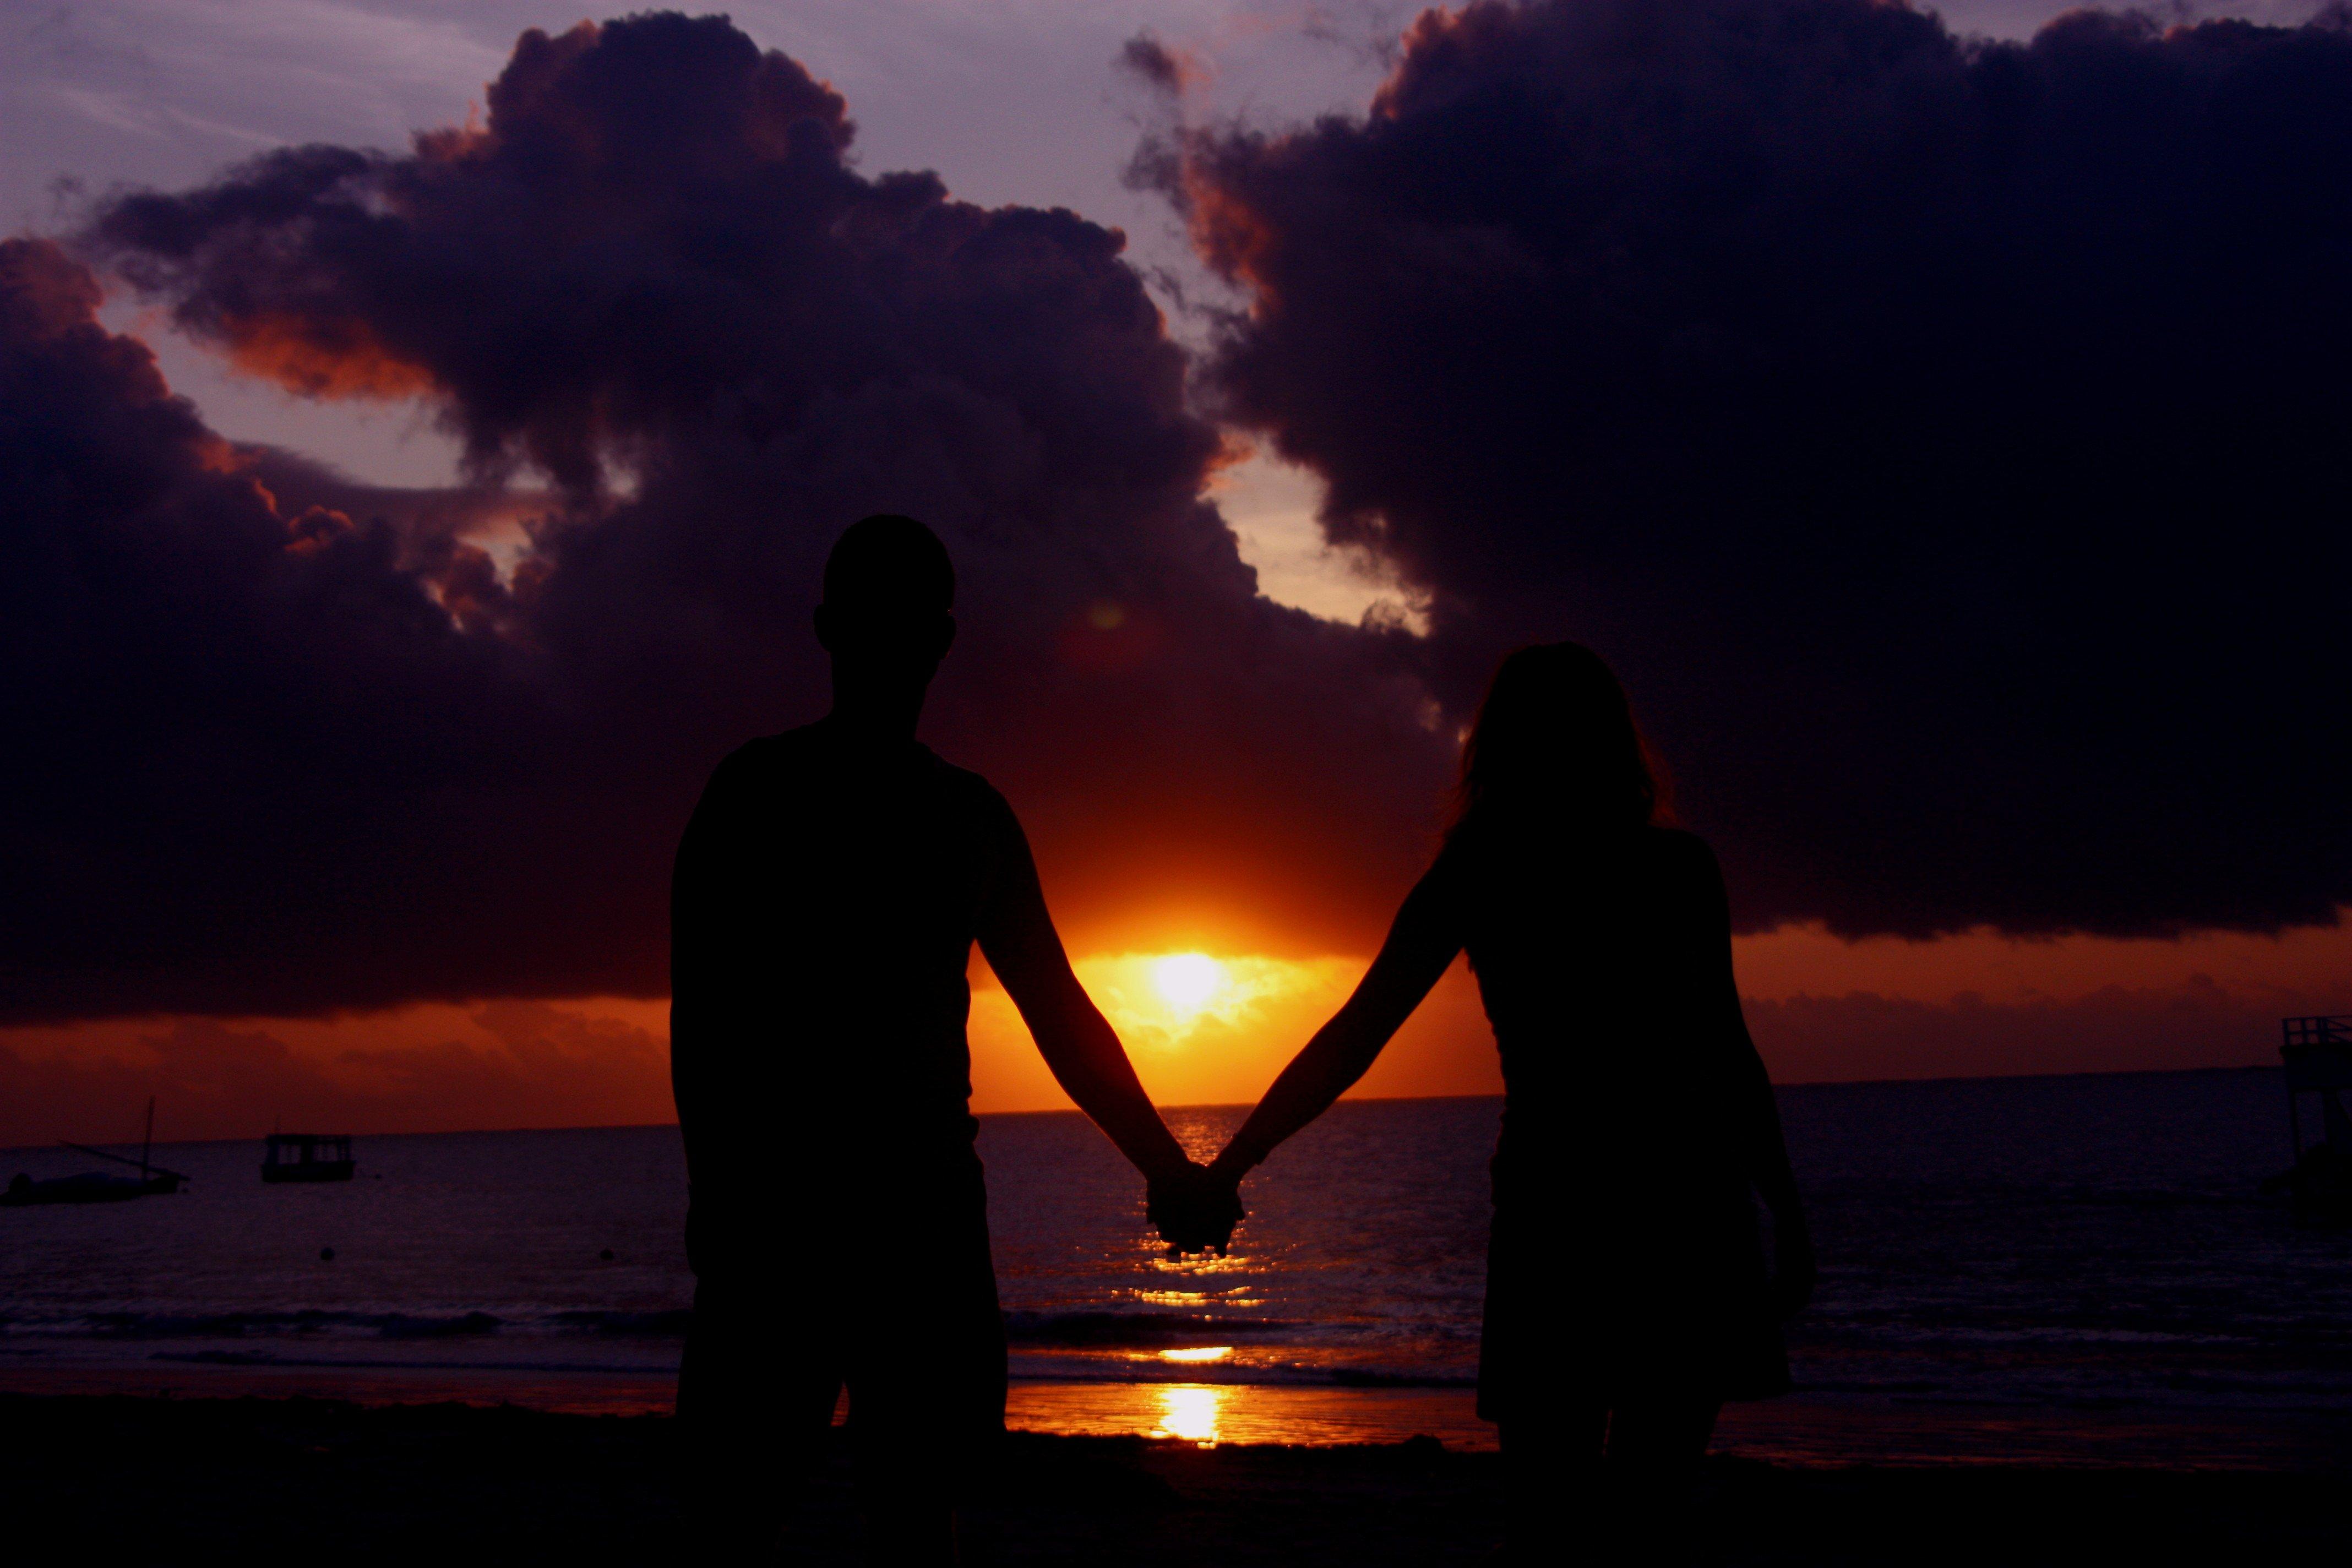 ученые выяснили, красивые картинки с парами при закате кийин крикет